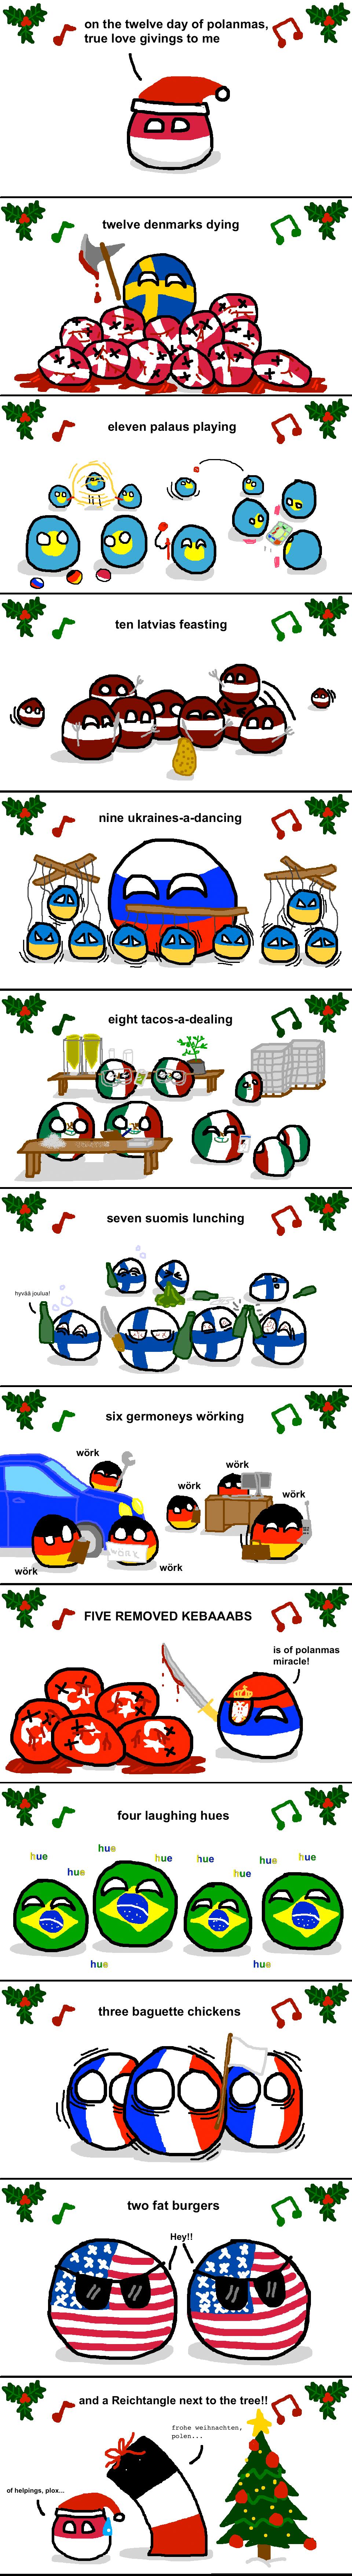 12 days of polanmas. . poland Christmas usa germany